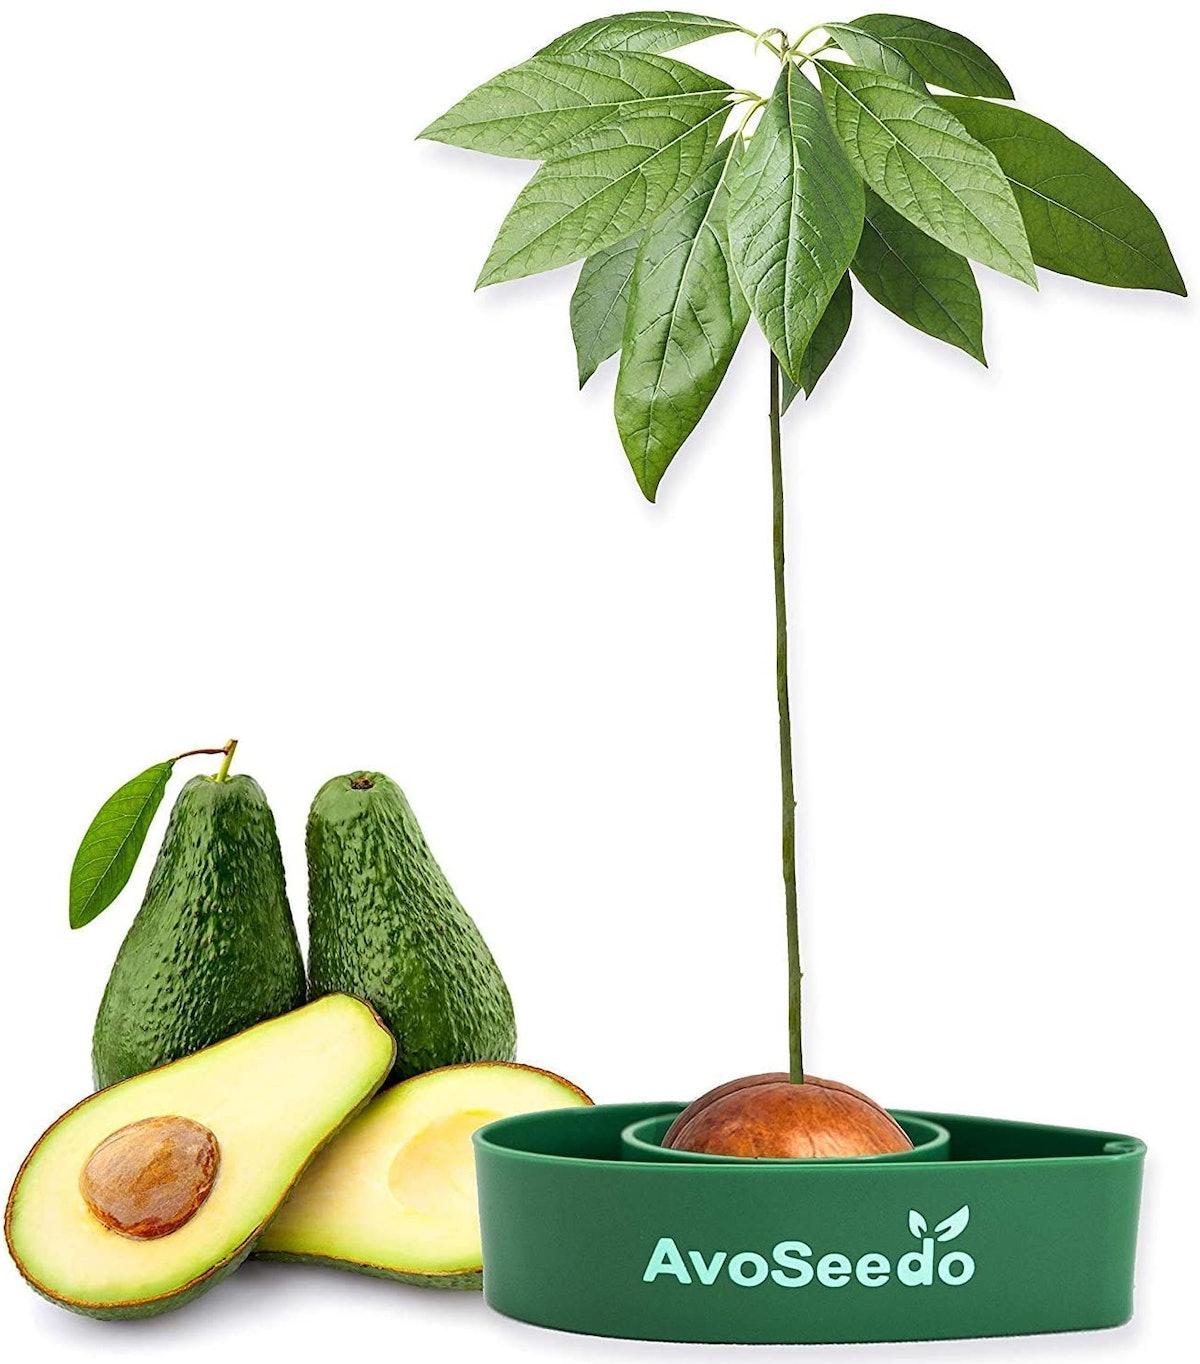 AvoSeedo Avocado Tree Growing Kit